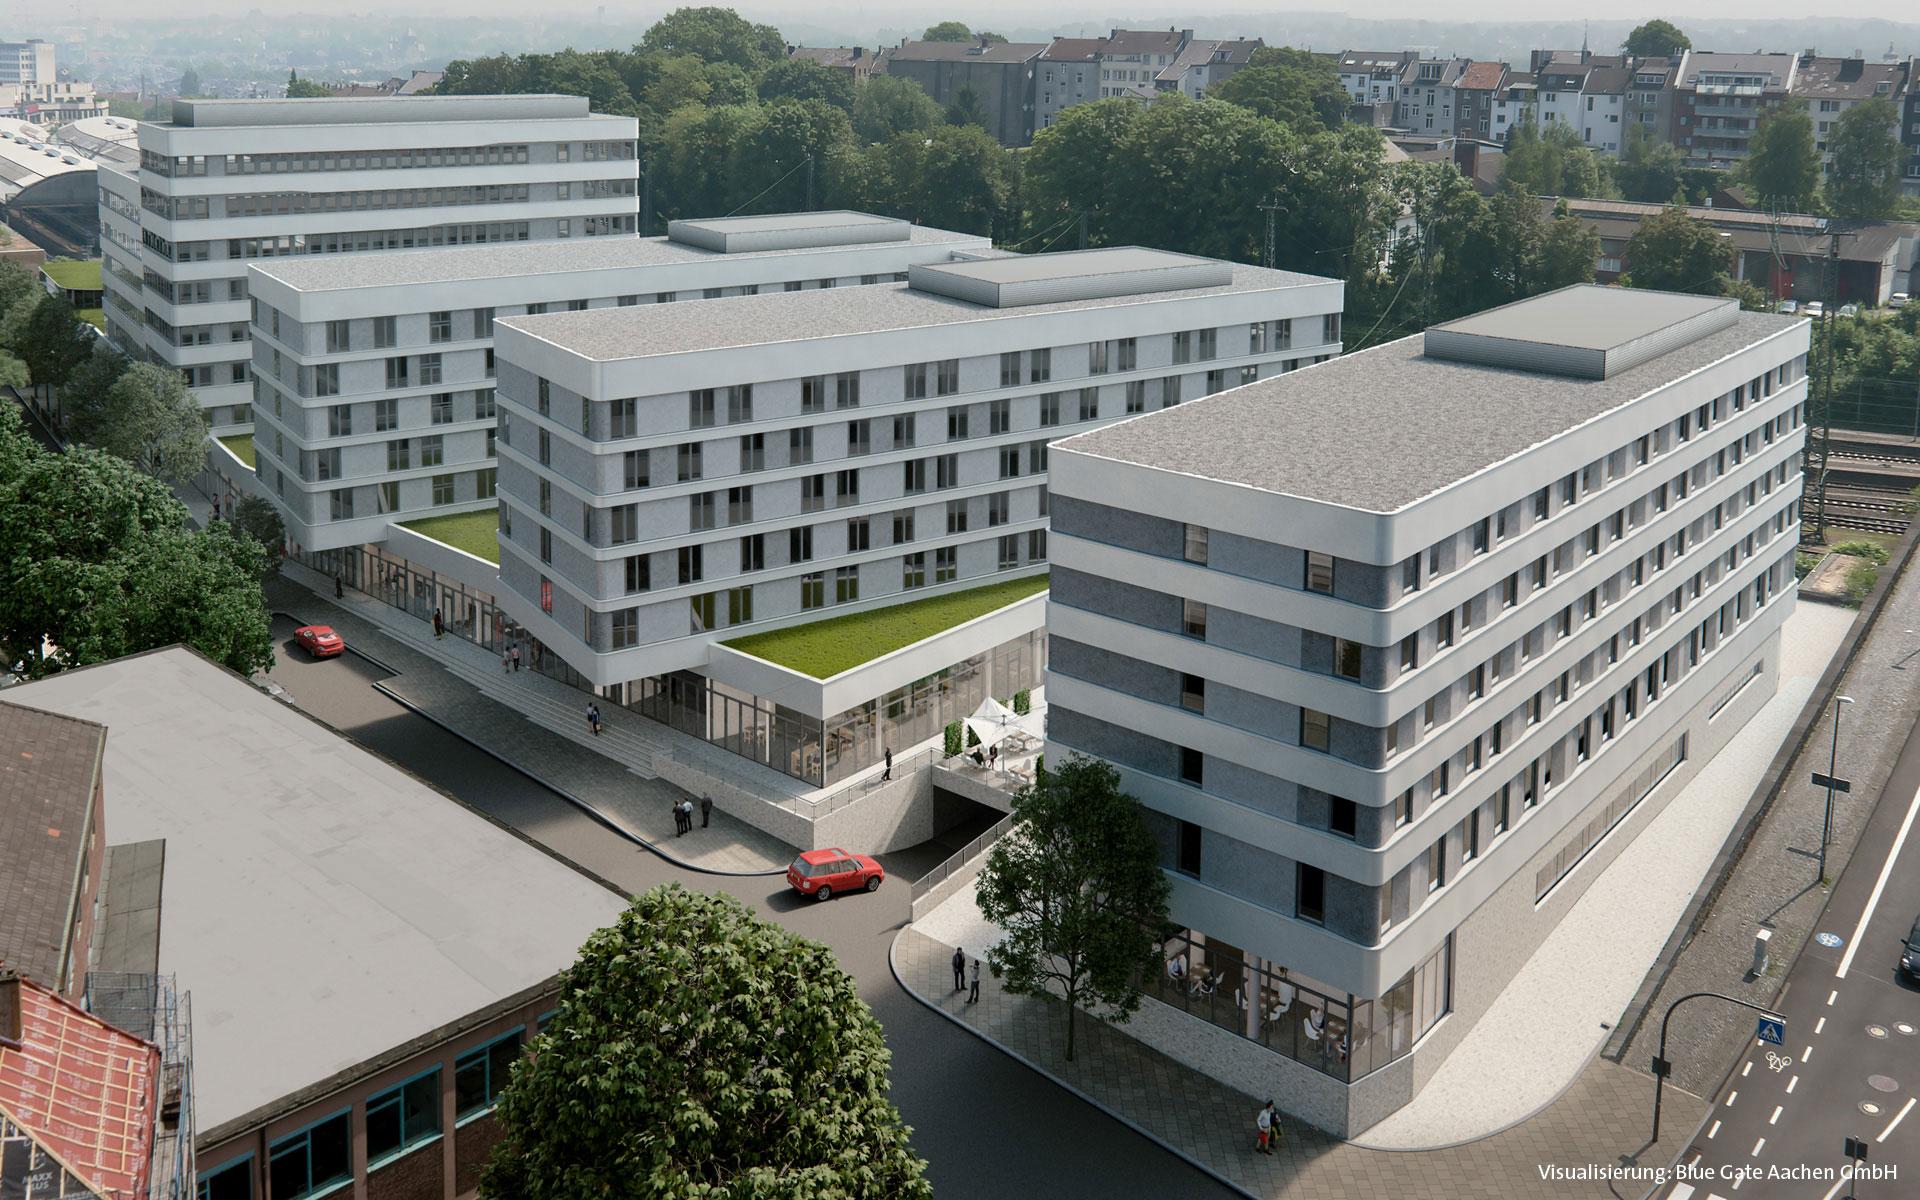 Holiday inn express aachen success hotel group for Designhotel aachen